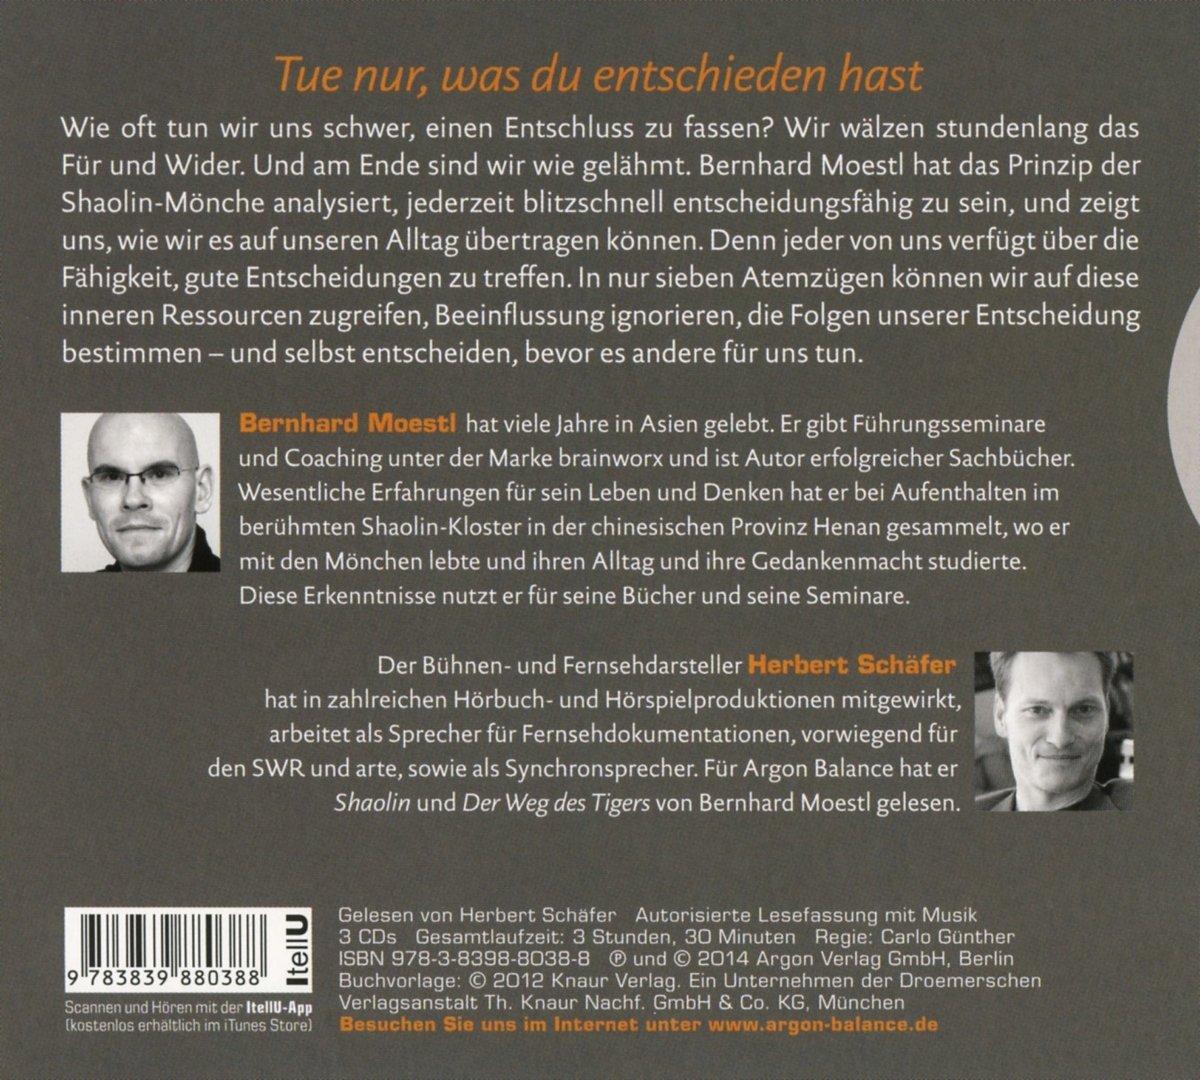 Beste Kostenlose Buchvorlagen Ideen - Beispielzusammenfassung ...